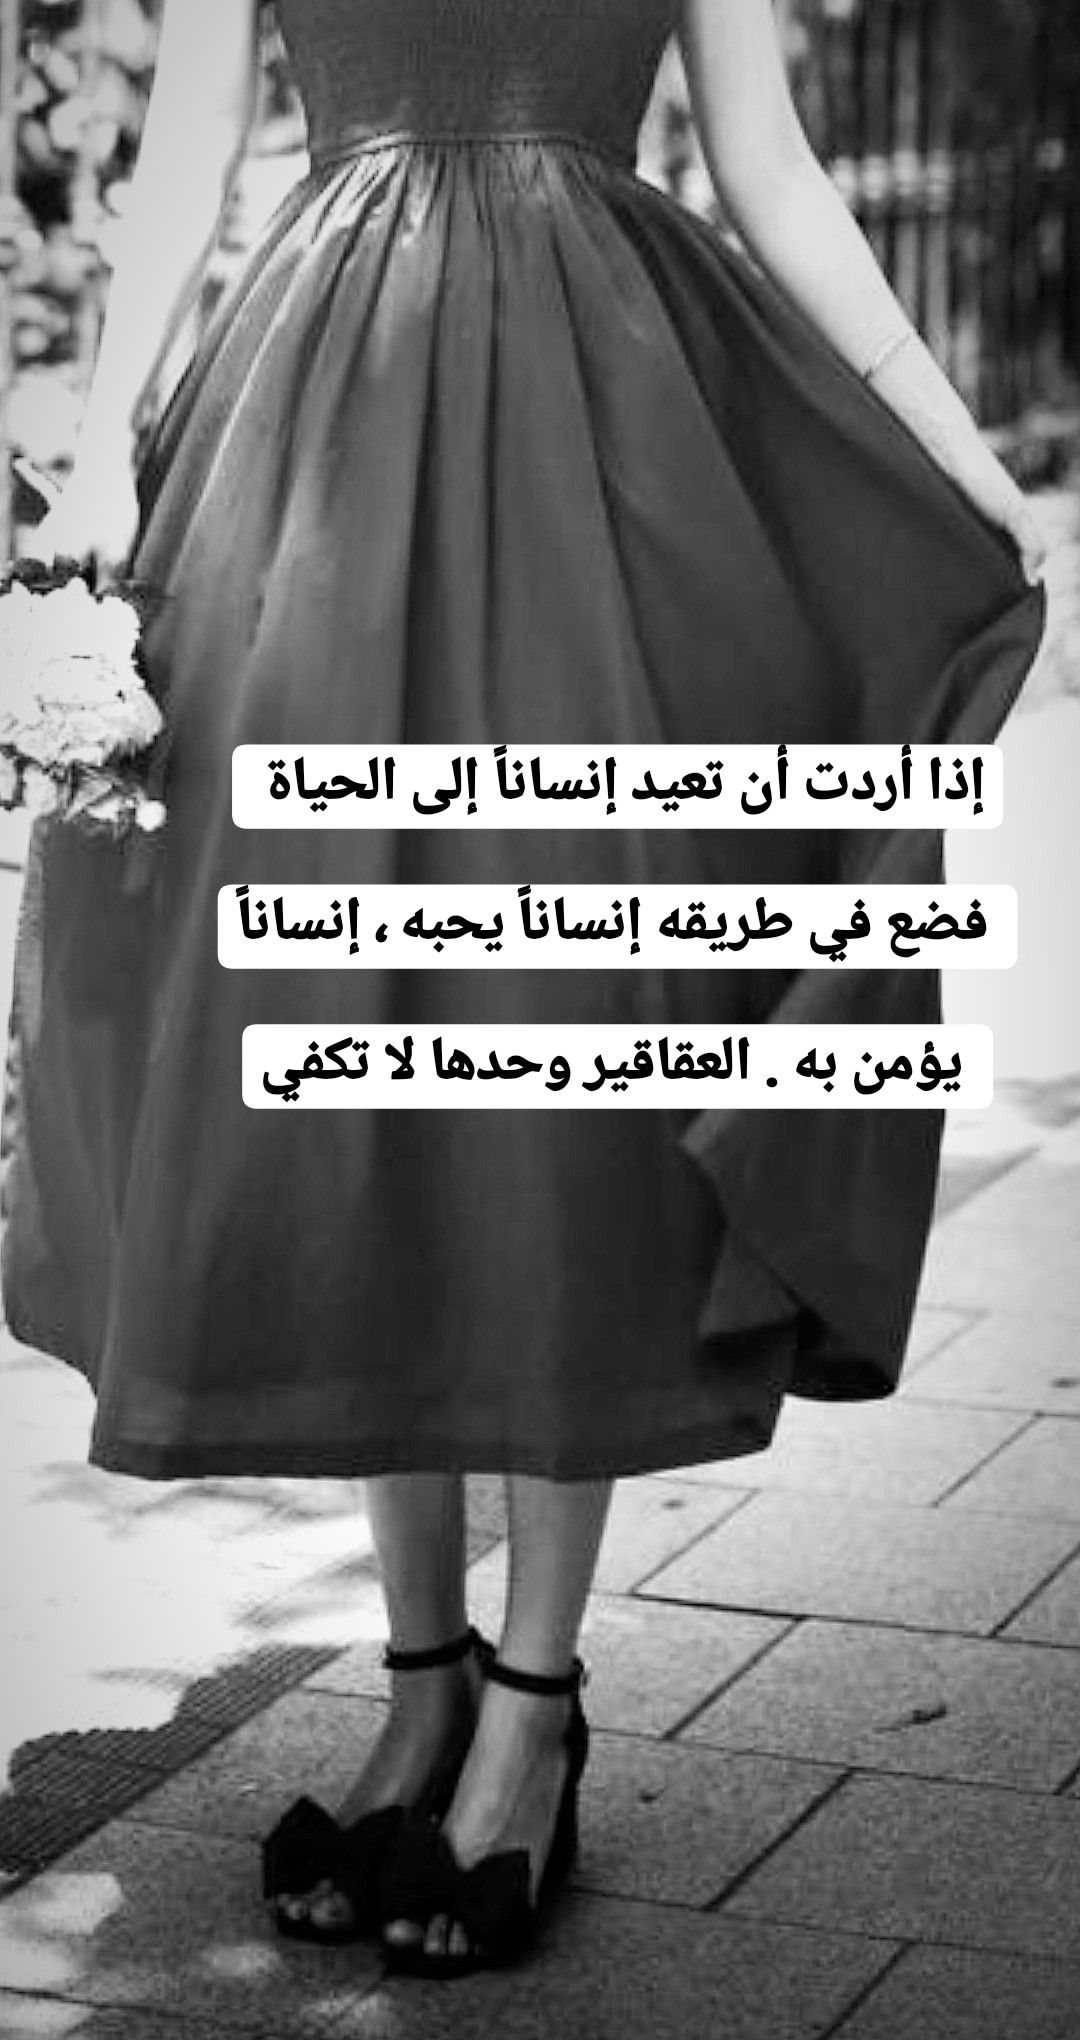 إلى ذلك البعيد Arabic Quotes Lovely Quote Words